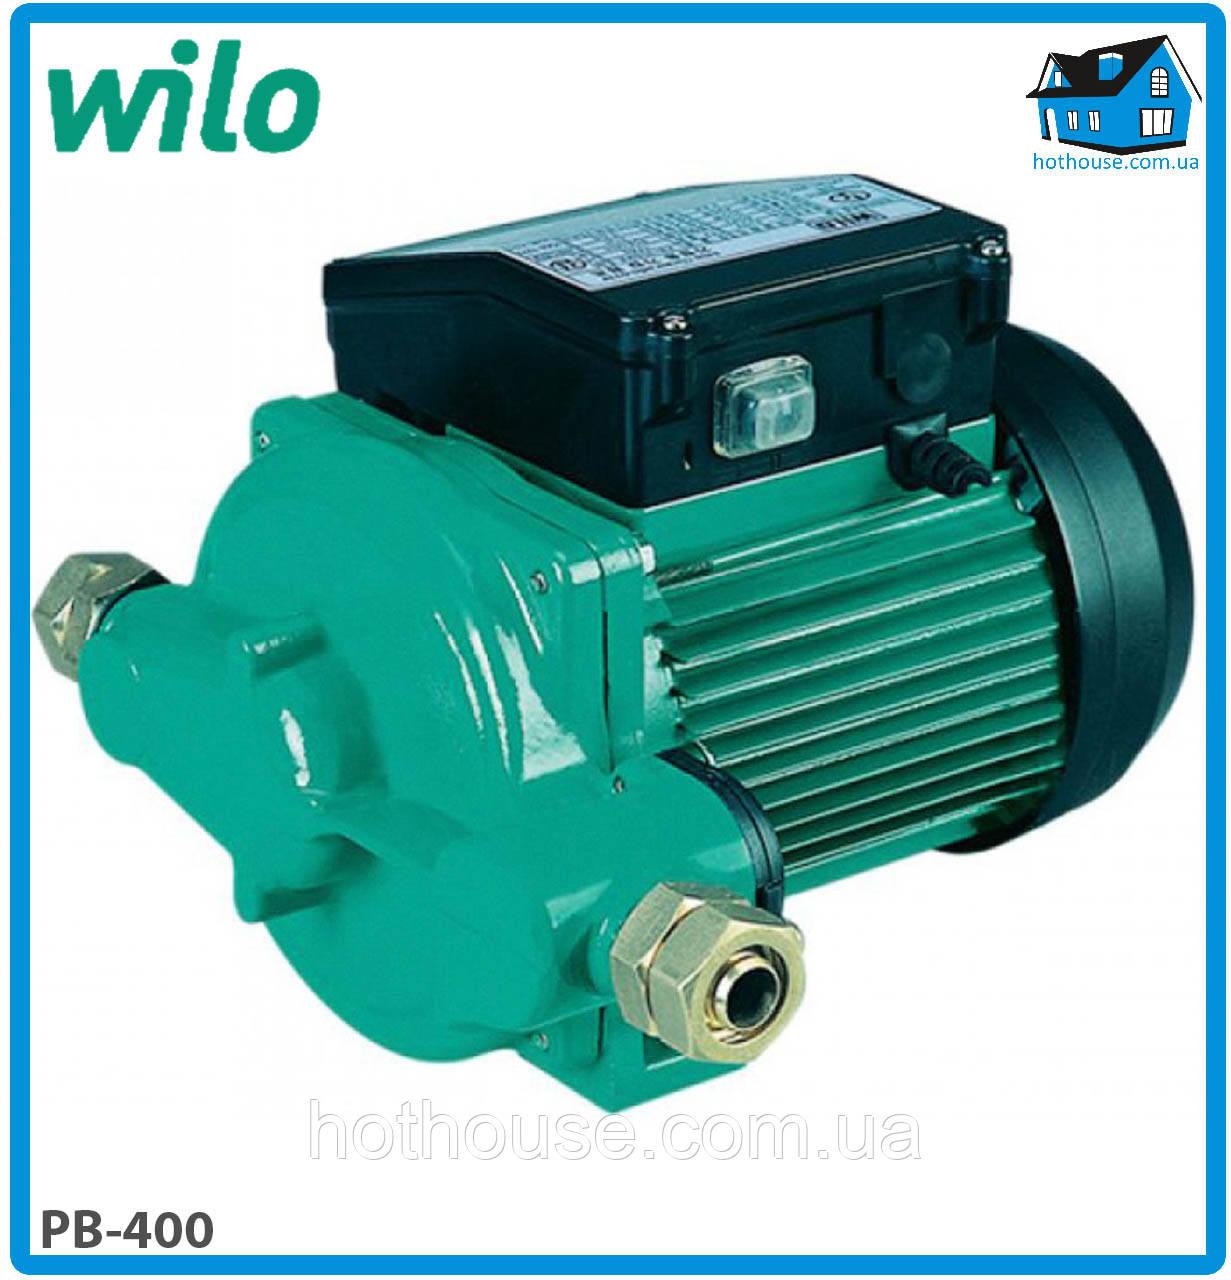 Насос для повышения давления Wilo PB-400 (оригинал)